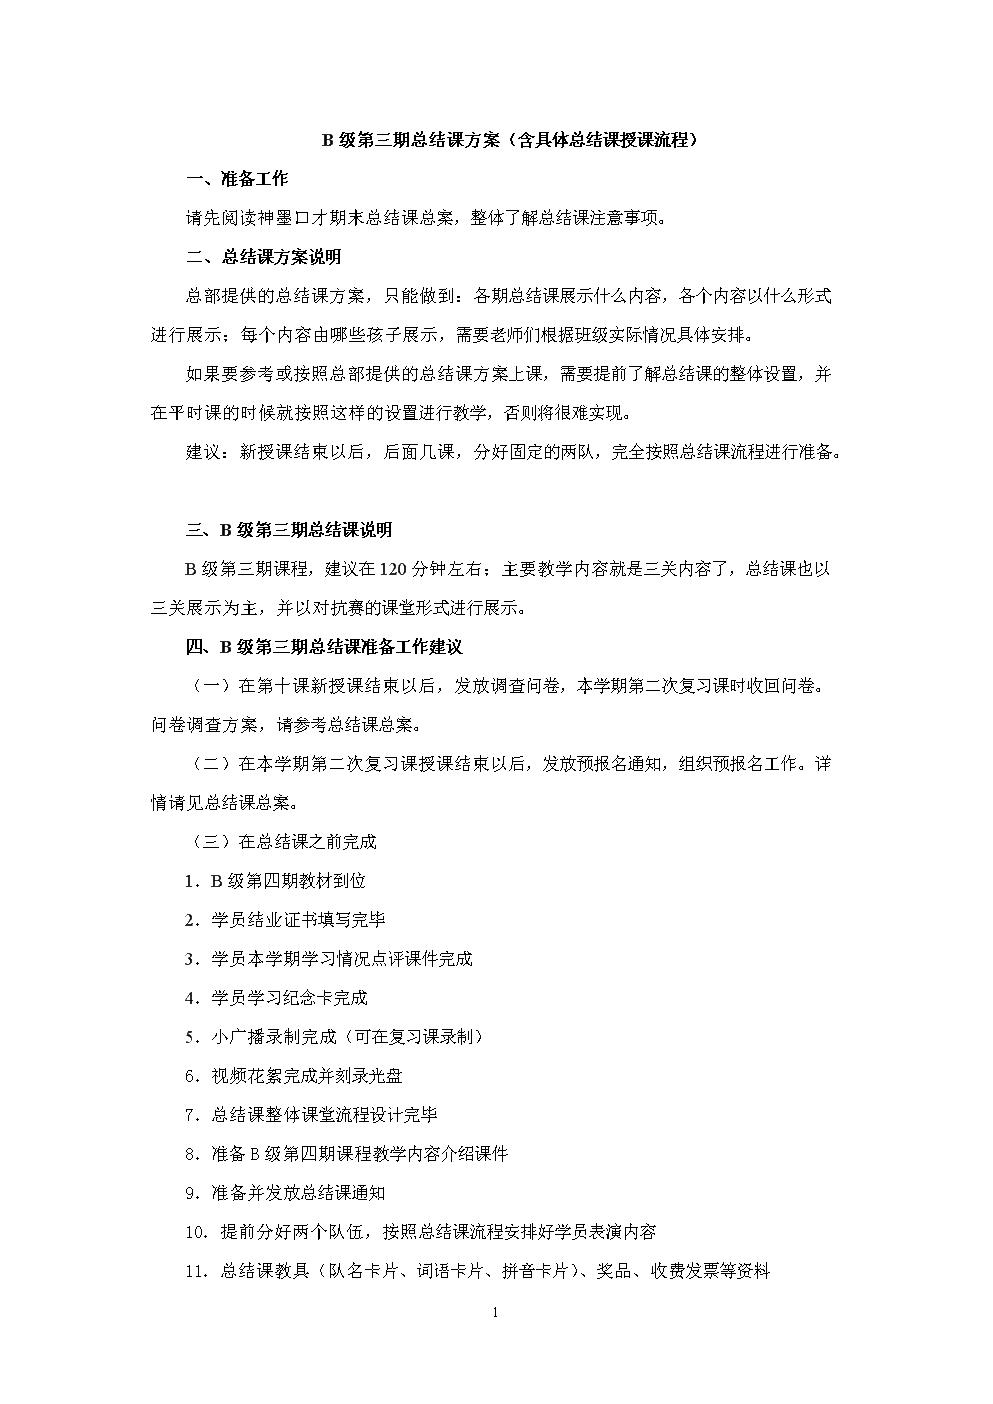 B级第三期总结课方案 V1.0.doc